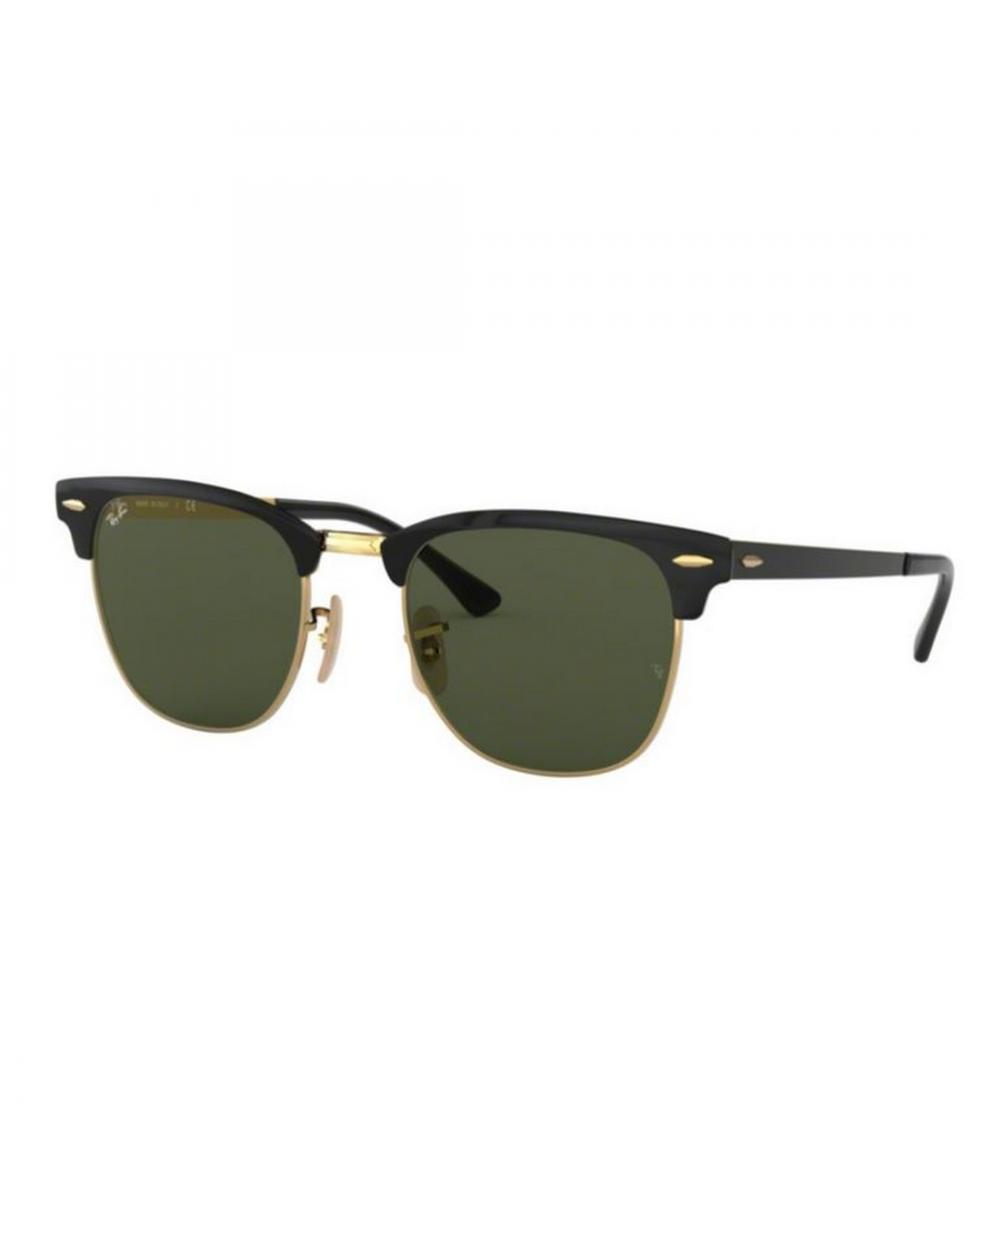 Sonnenbrille Ray Ban RB 3716 originalverpackung garantie Italien